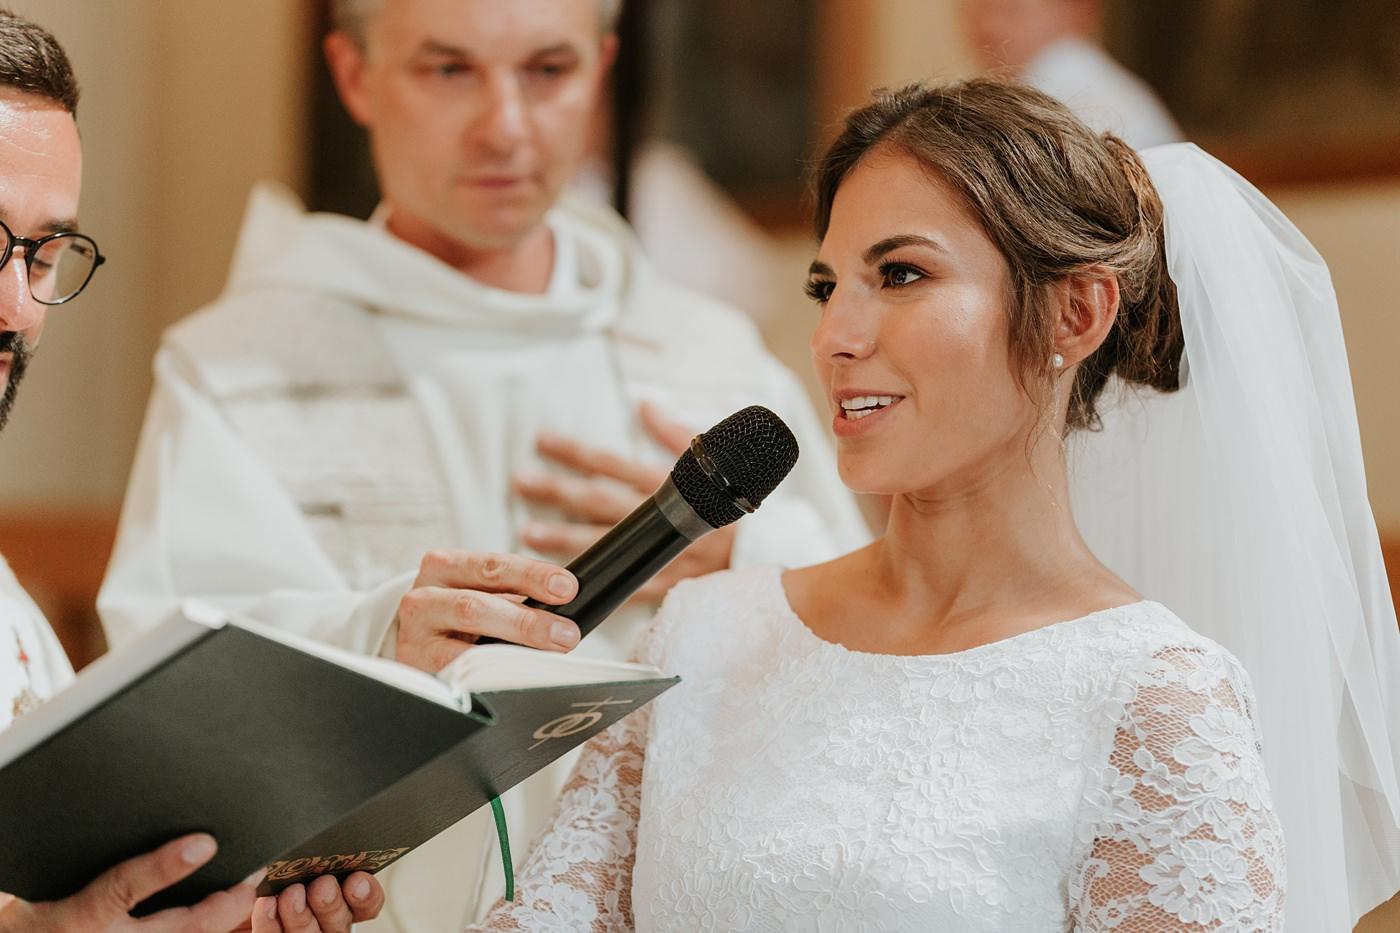 Dominika & Aleksander - Rustykalne wesele w stodole - Baborówko 56